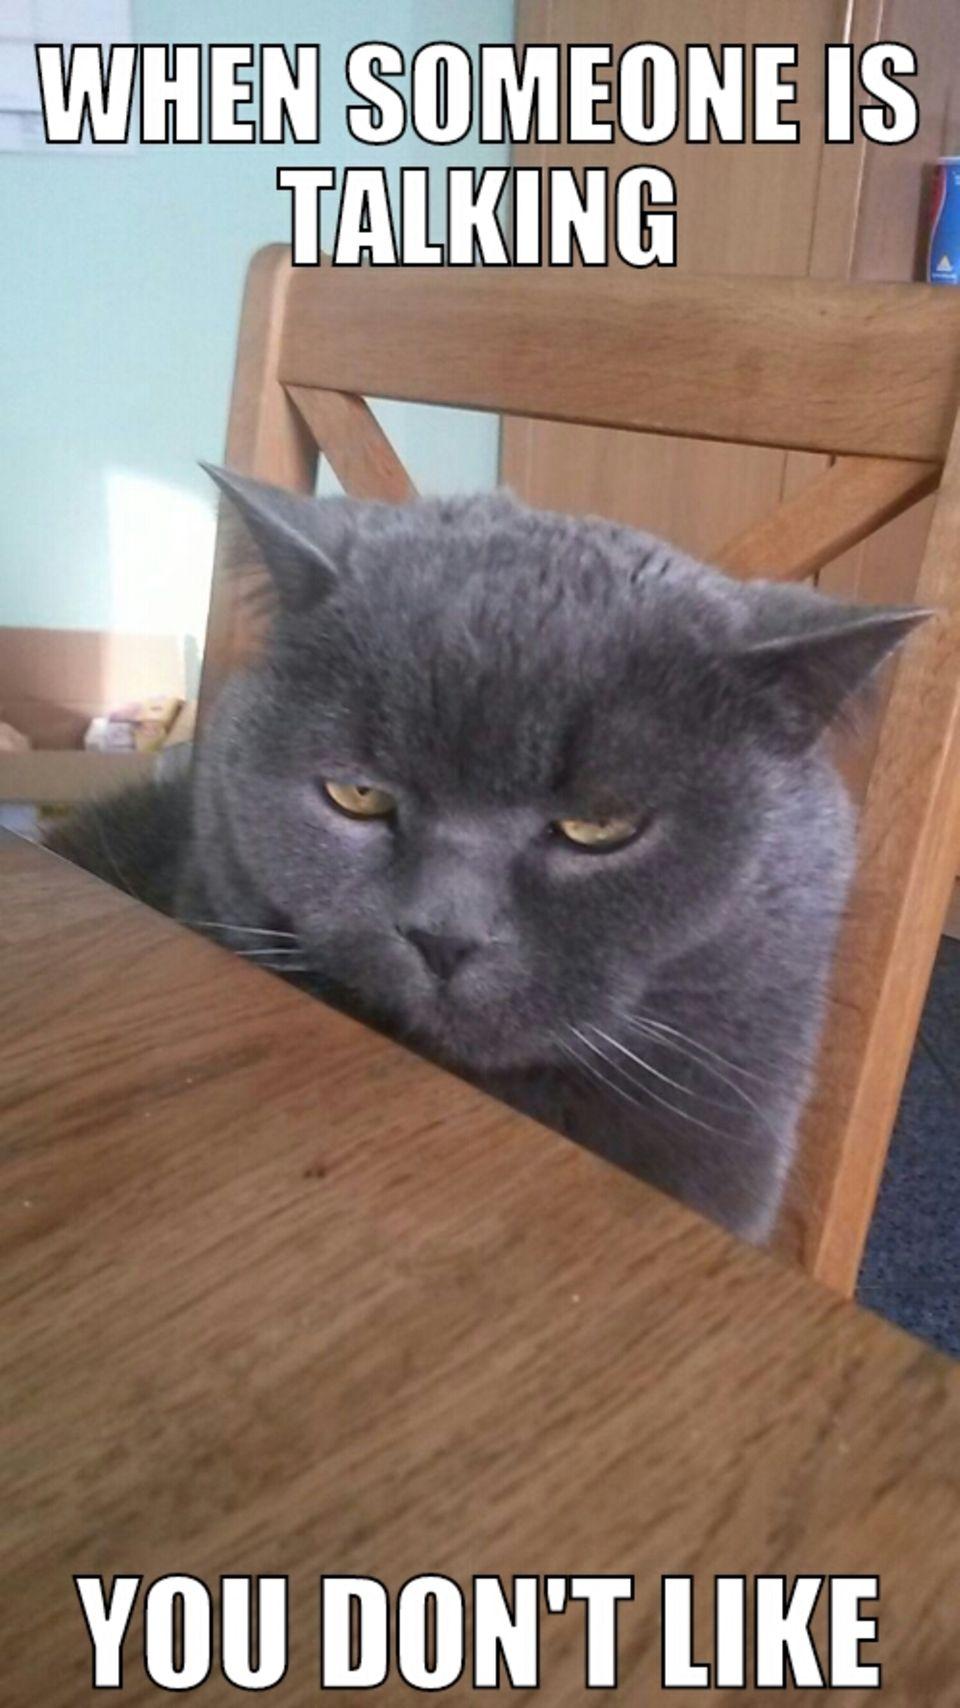 Dieses Meme hat meine Schwester mit einem Bild unserer Katze gemacht. Ja, so guckt der fast immer.